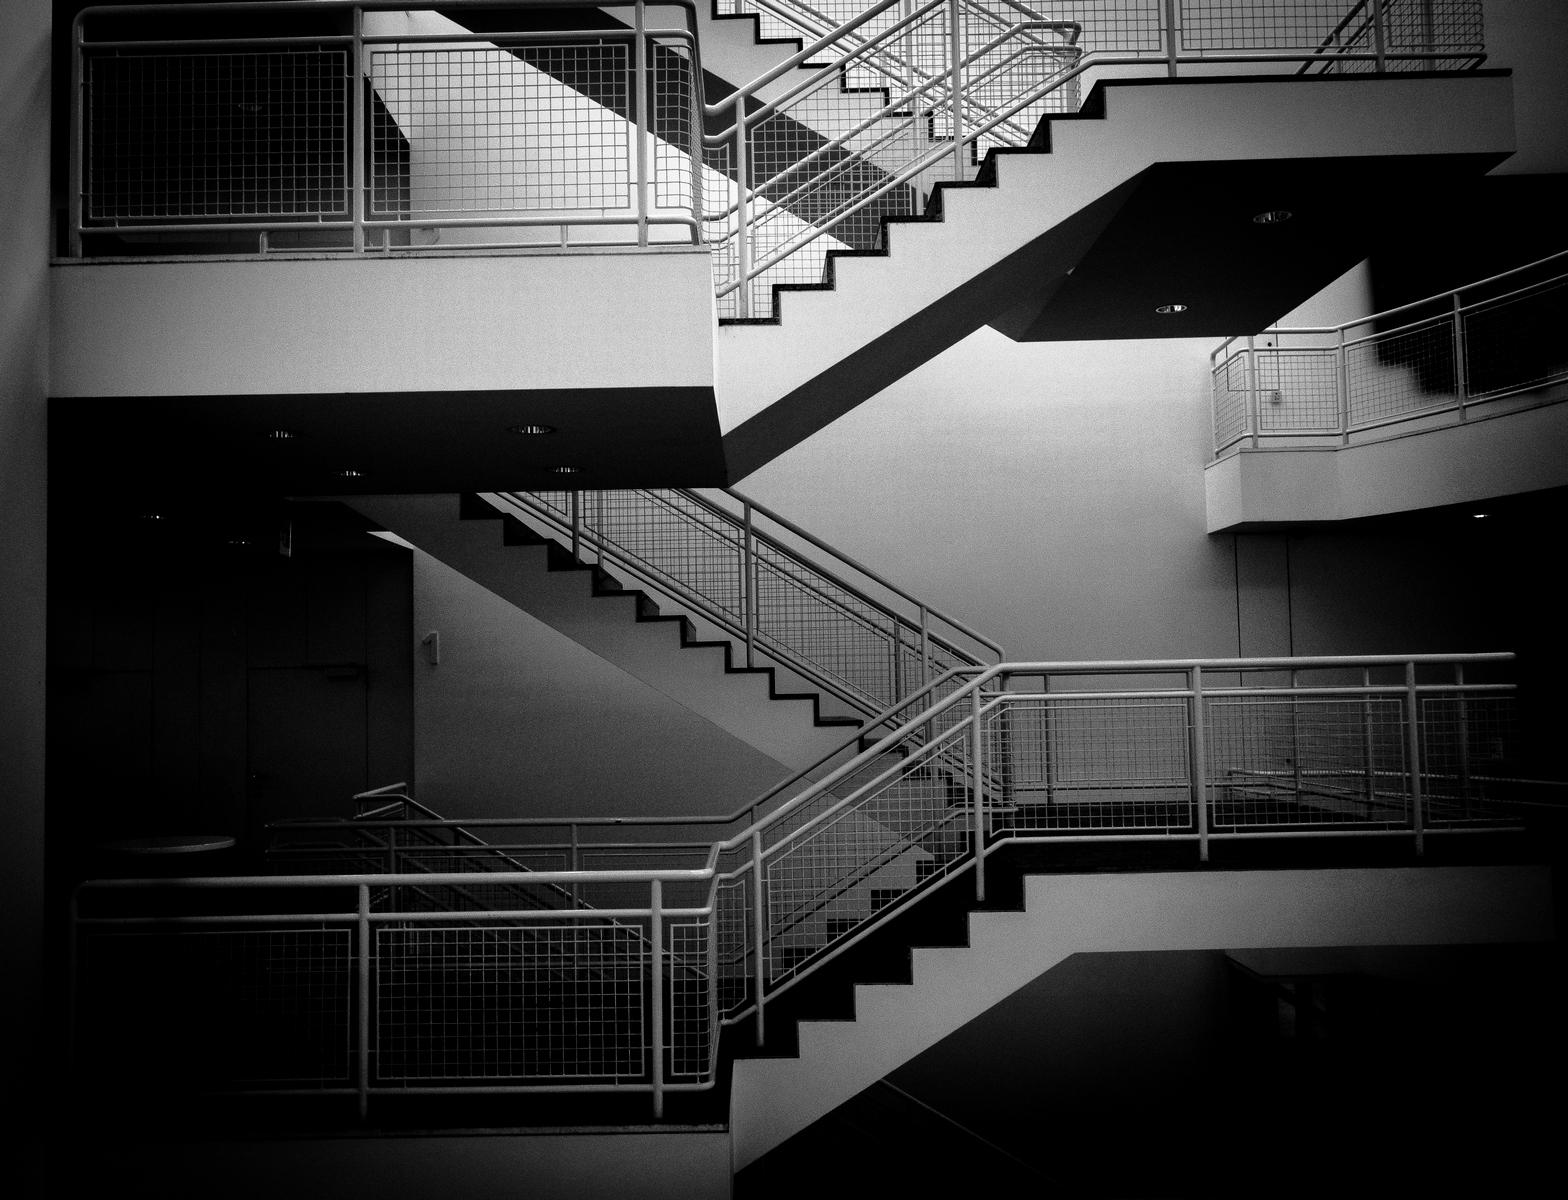 escalier noir et blanc dcoration escaliers avec photos en noir u blanc et cadres blancs. Black Bedroom Furniture Sets. Home Design Ideas